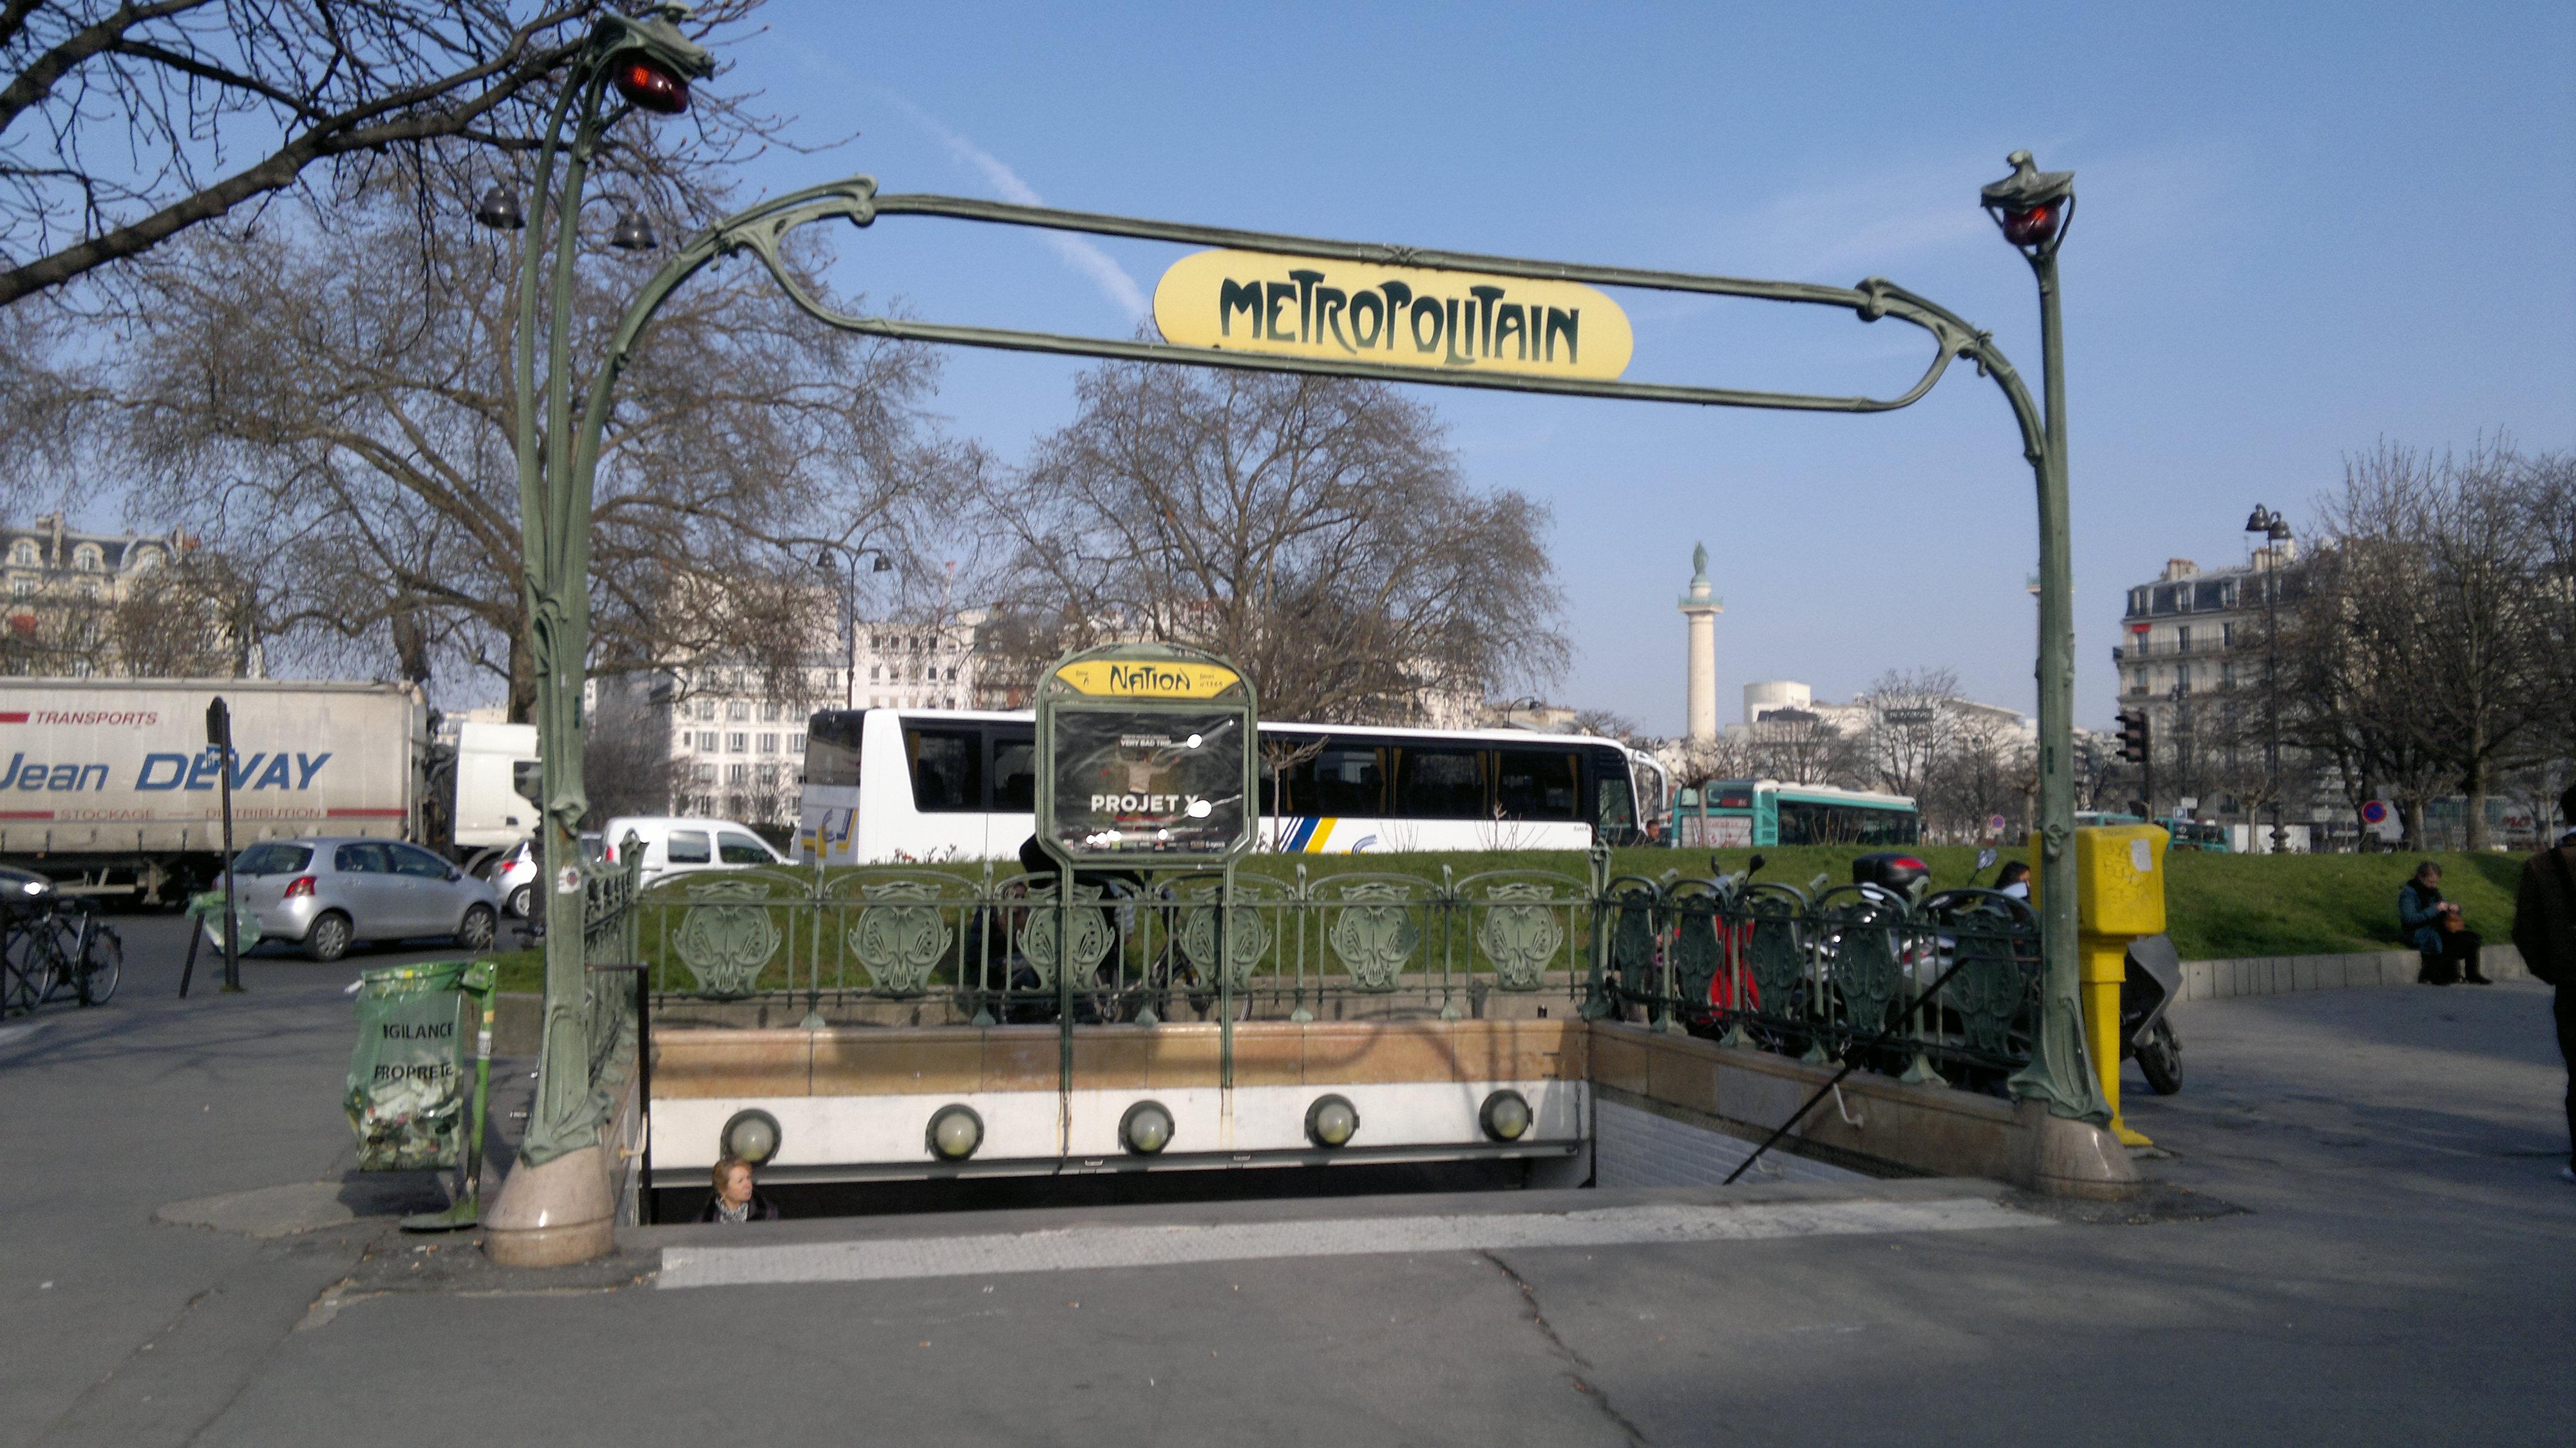 Un édicule Guimard particulièrement large de la station, place de la Nation, côté avenue Dorian.